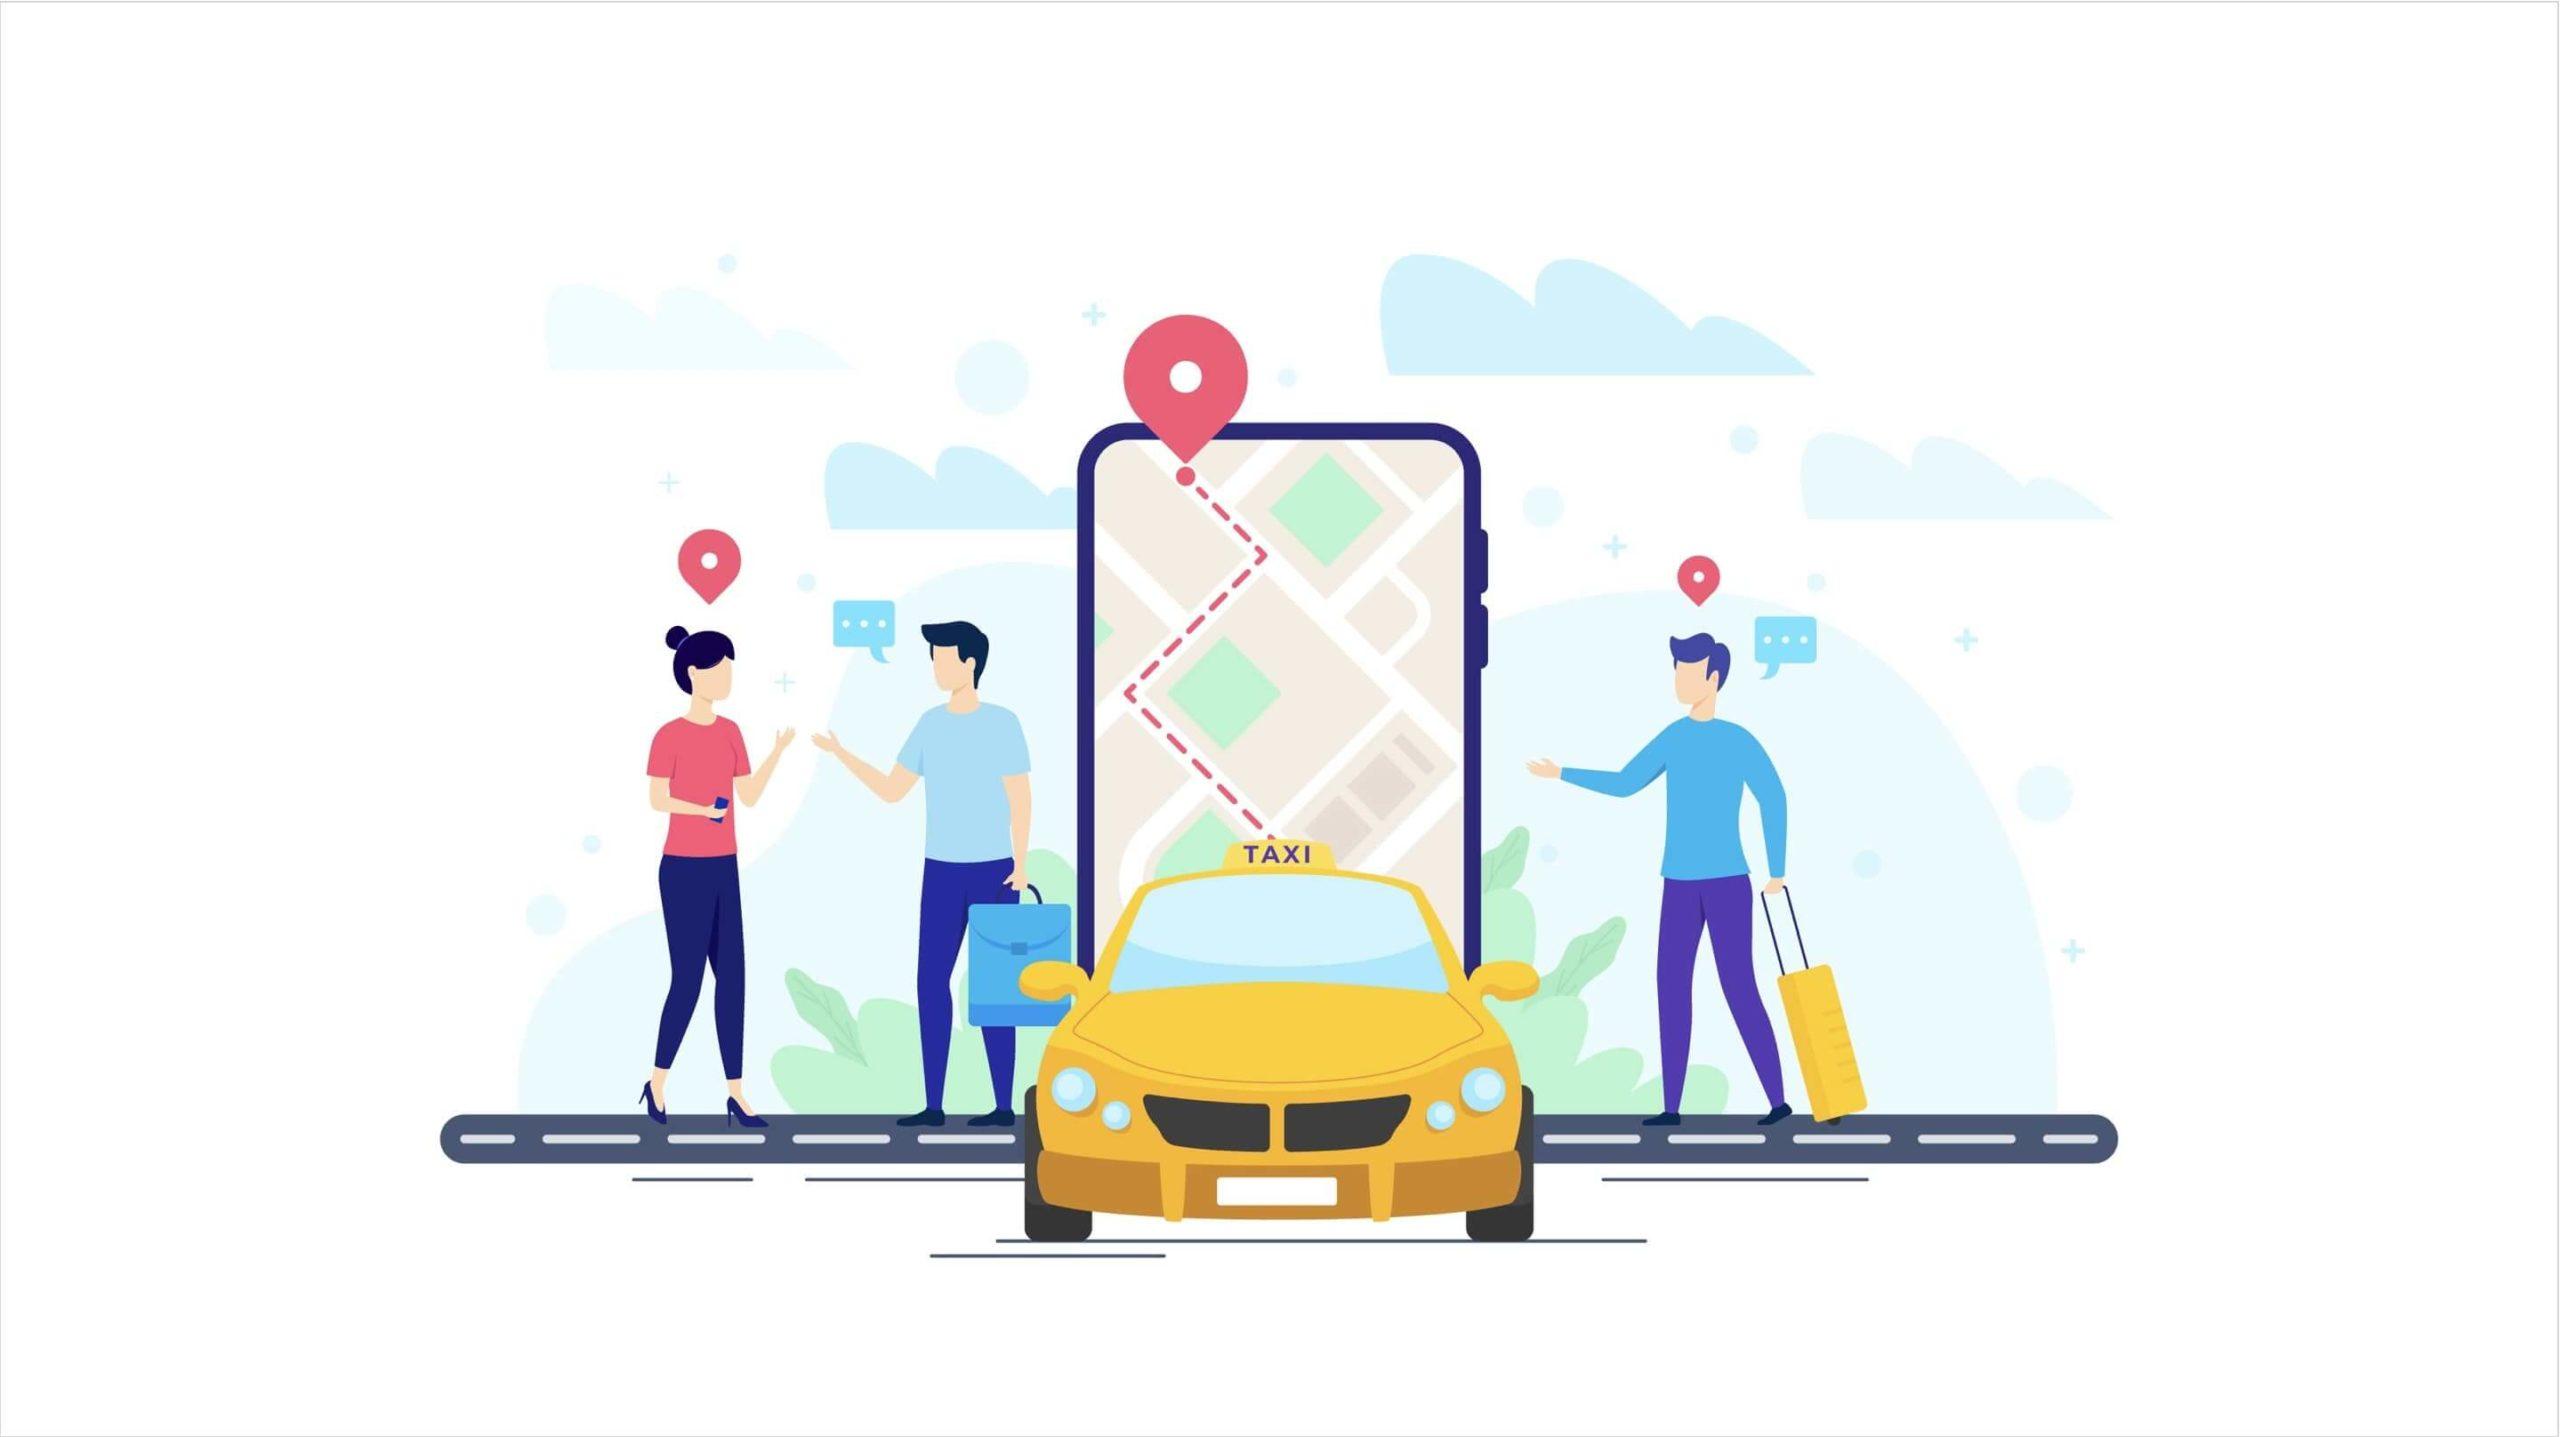 福岡で使えるタクシーアプリ3選とクーポン情報